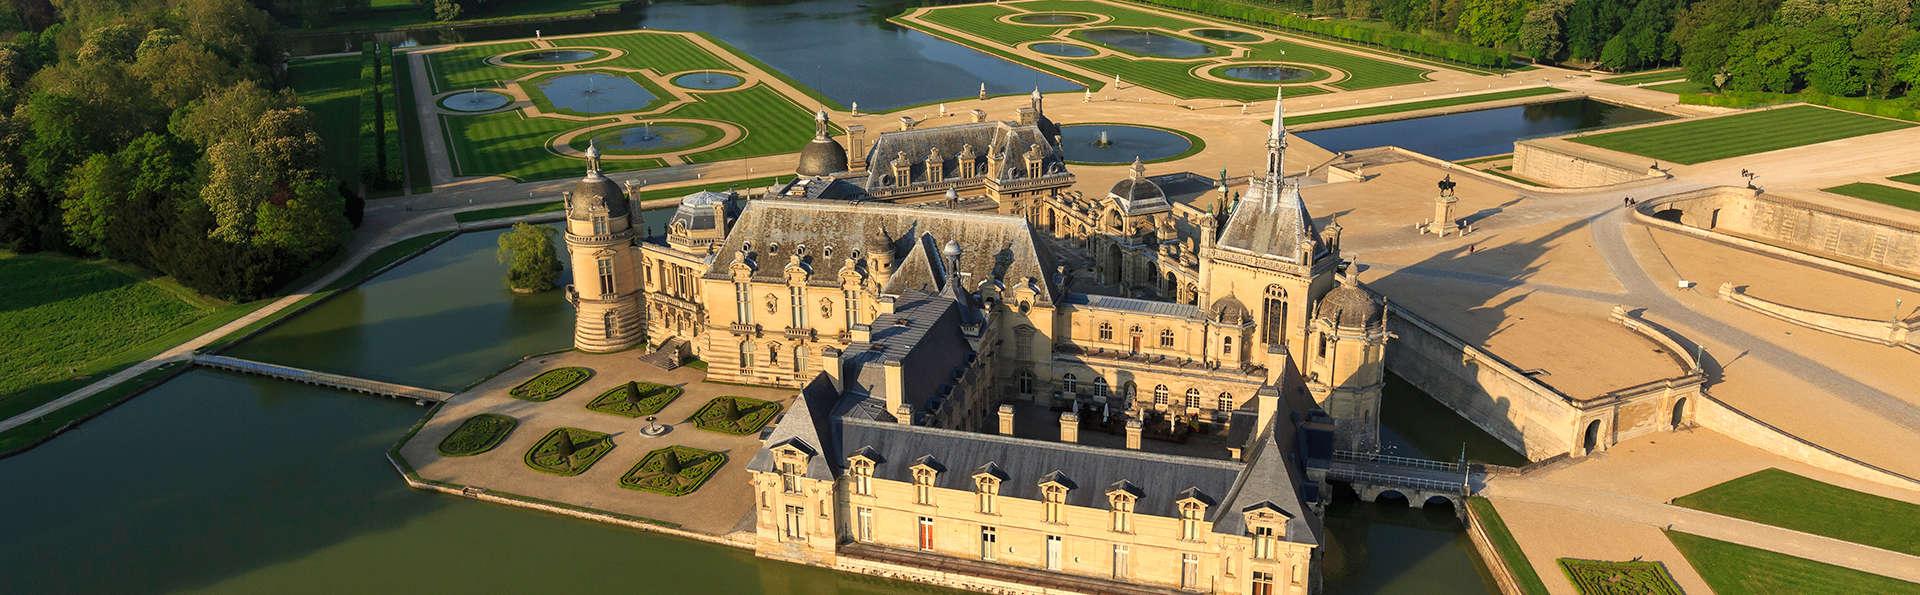 Lujo y encanto reales con visita al Palacio de Chantilly